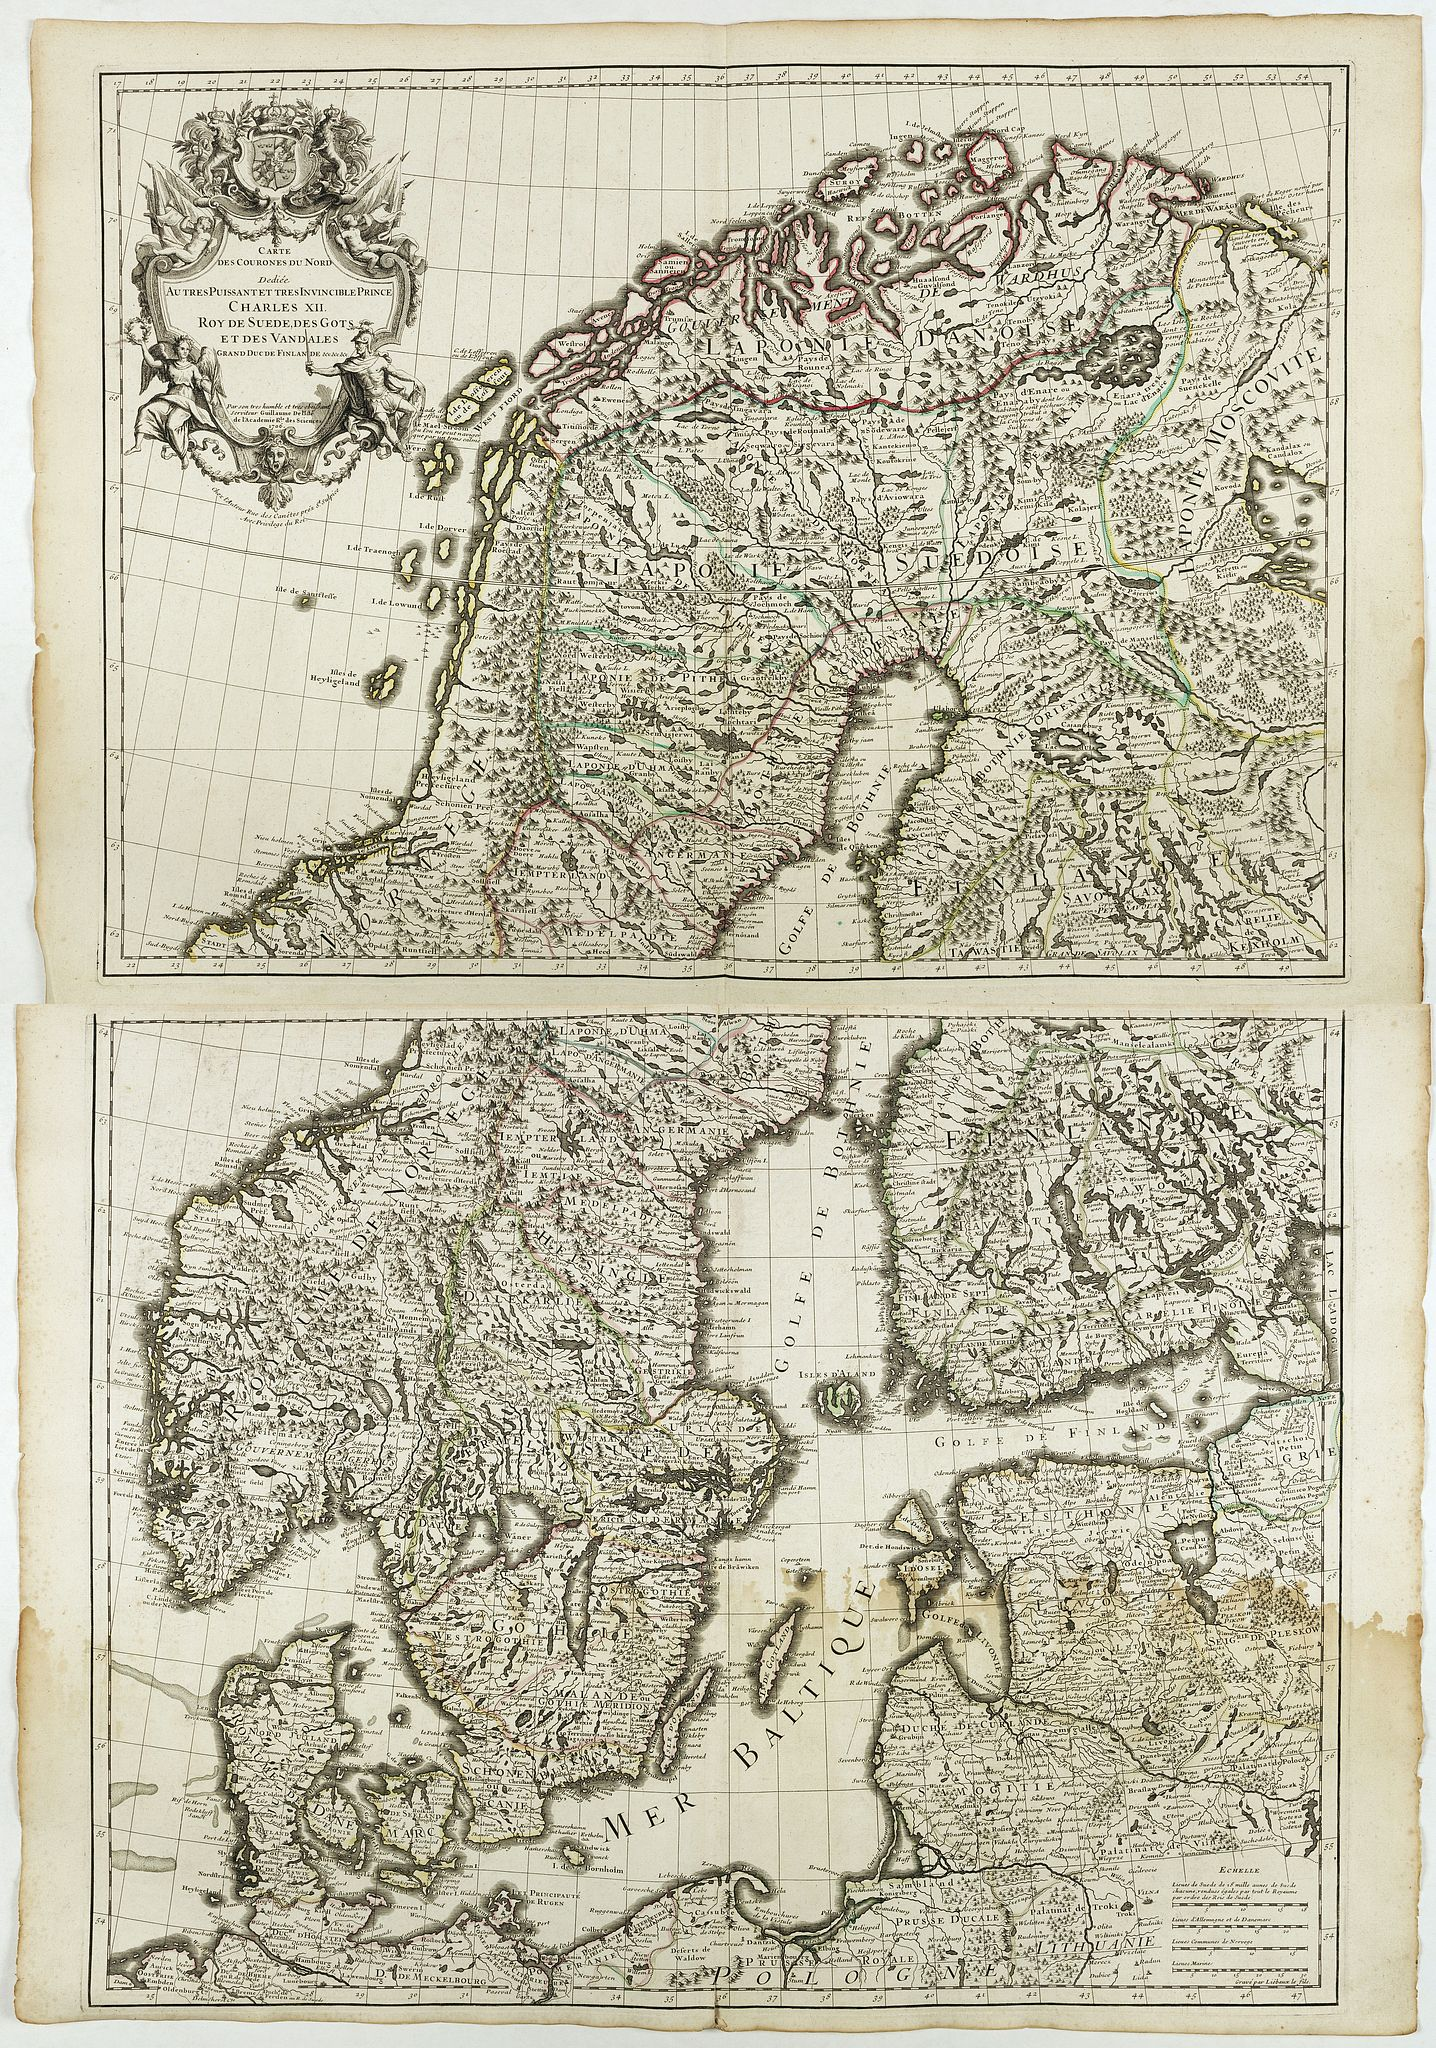 DELISLE, G. -  Carte des Courones du Nord. [2 sheets]